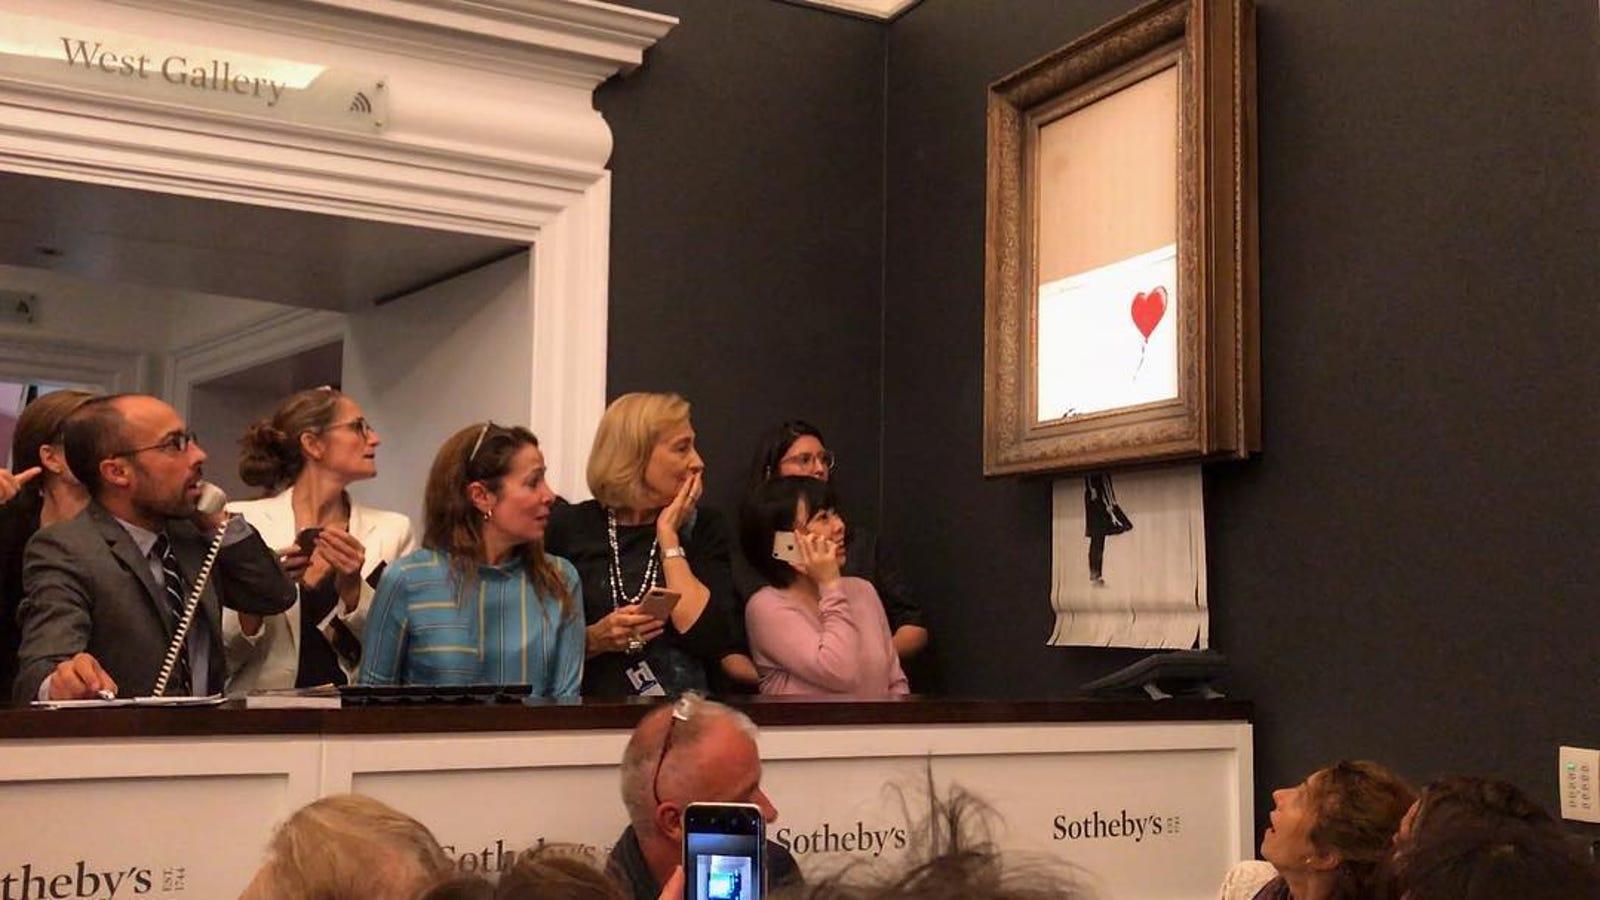 Una obra de Banksy se autodestruye tras subastarse por $1.250.000